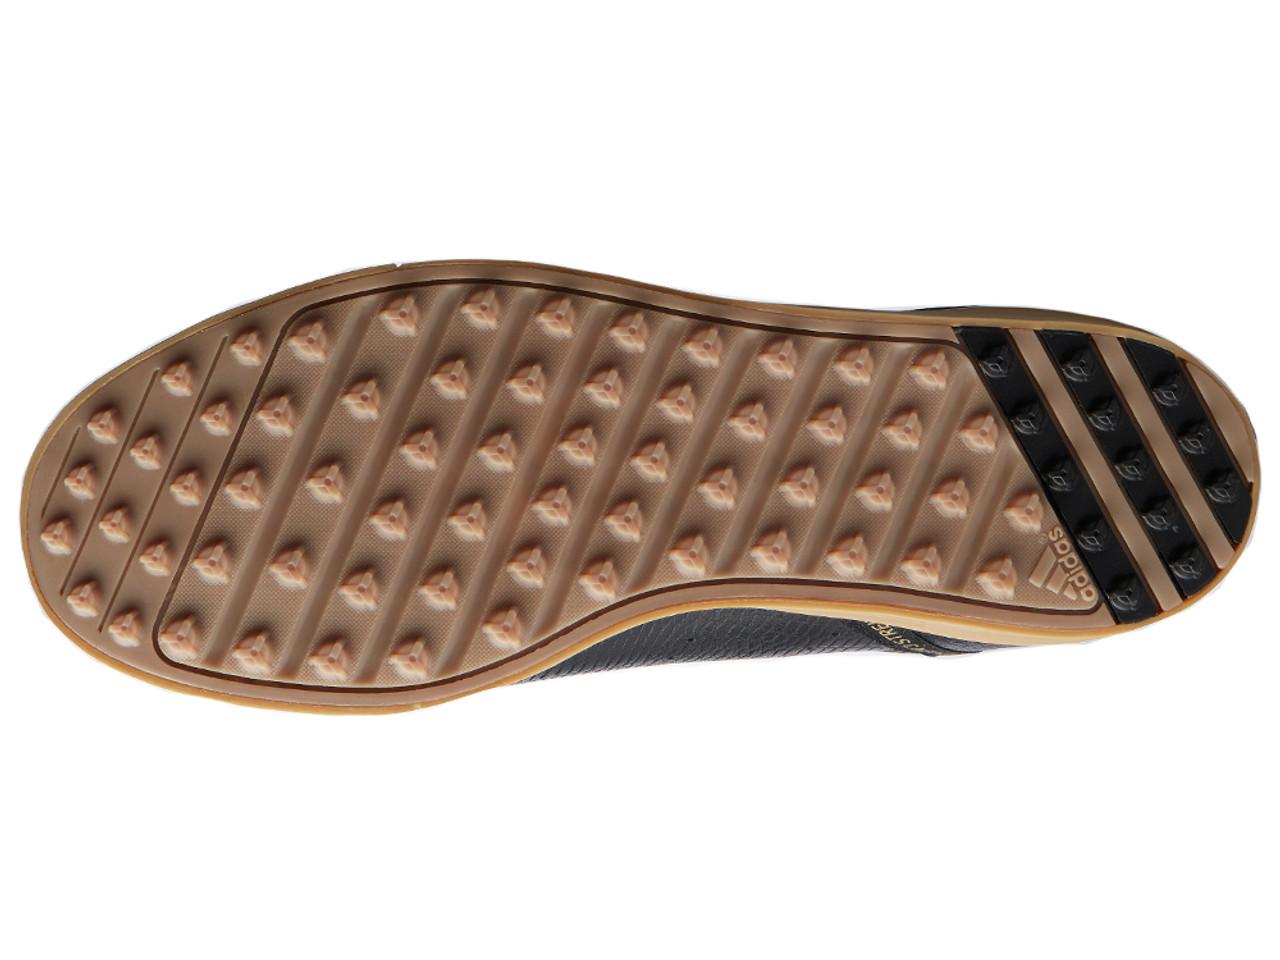 8010e9da844 Adidas Adicross Classic Golf Shoes - Core Black/FTWR White - Mens ...